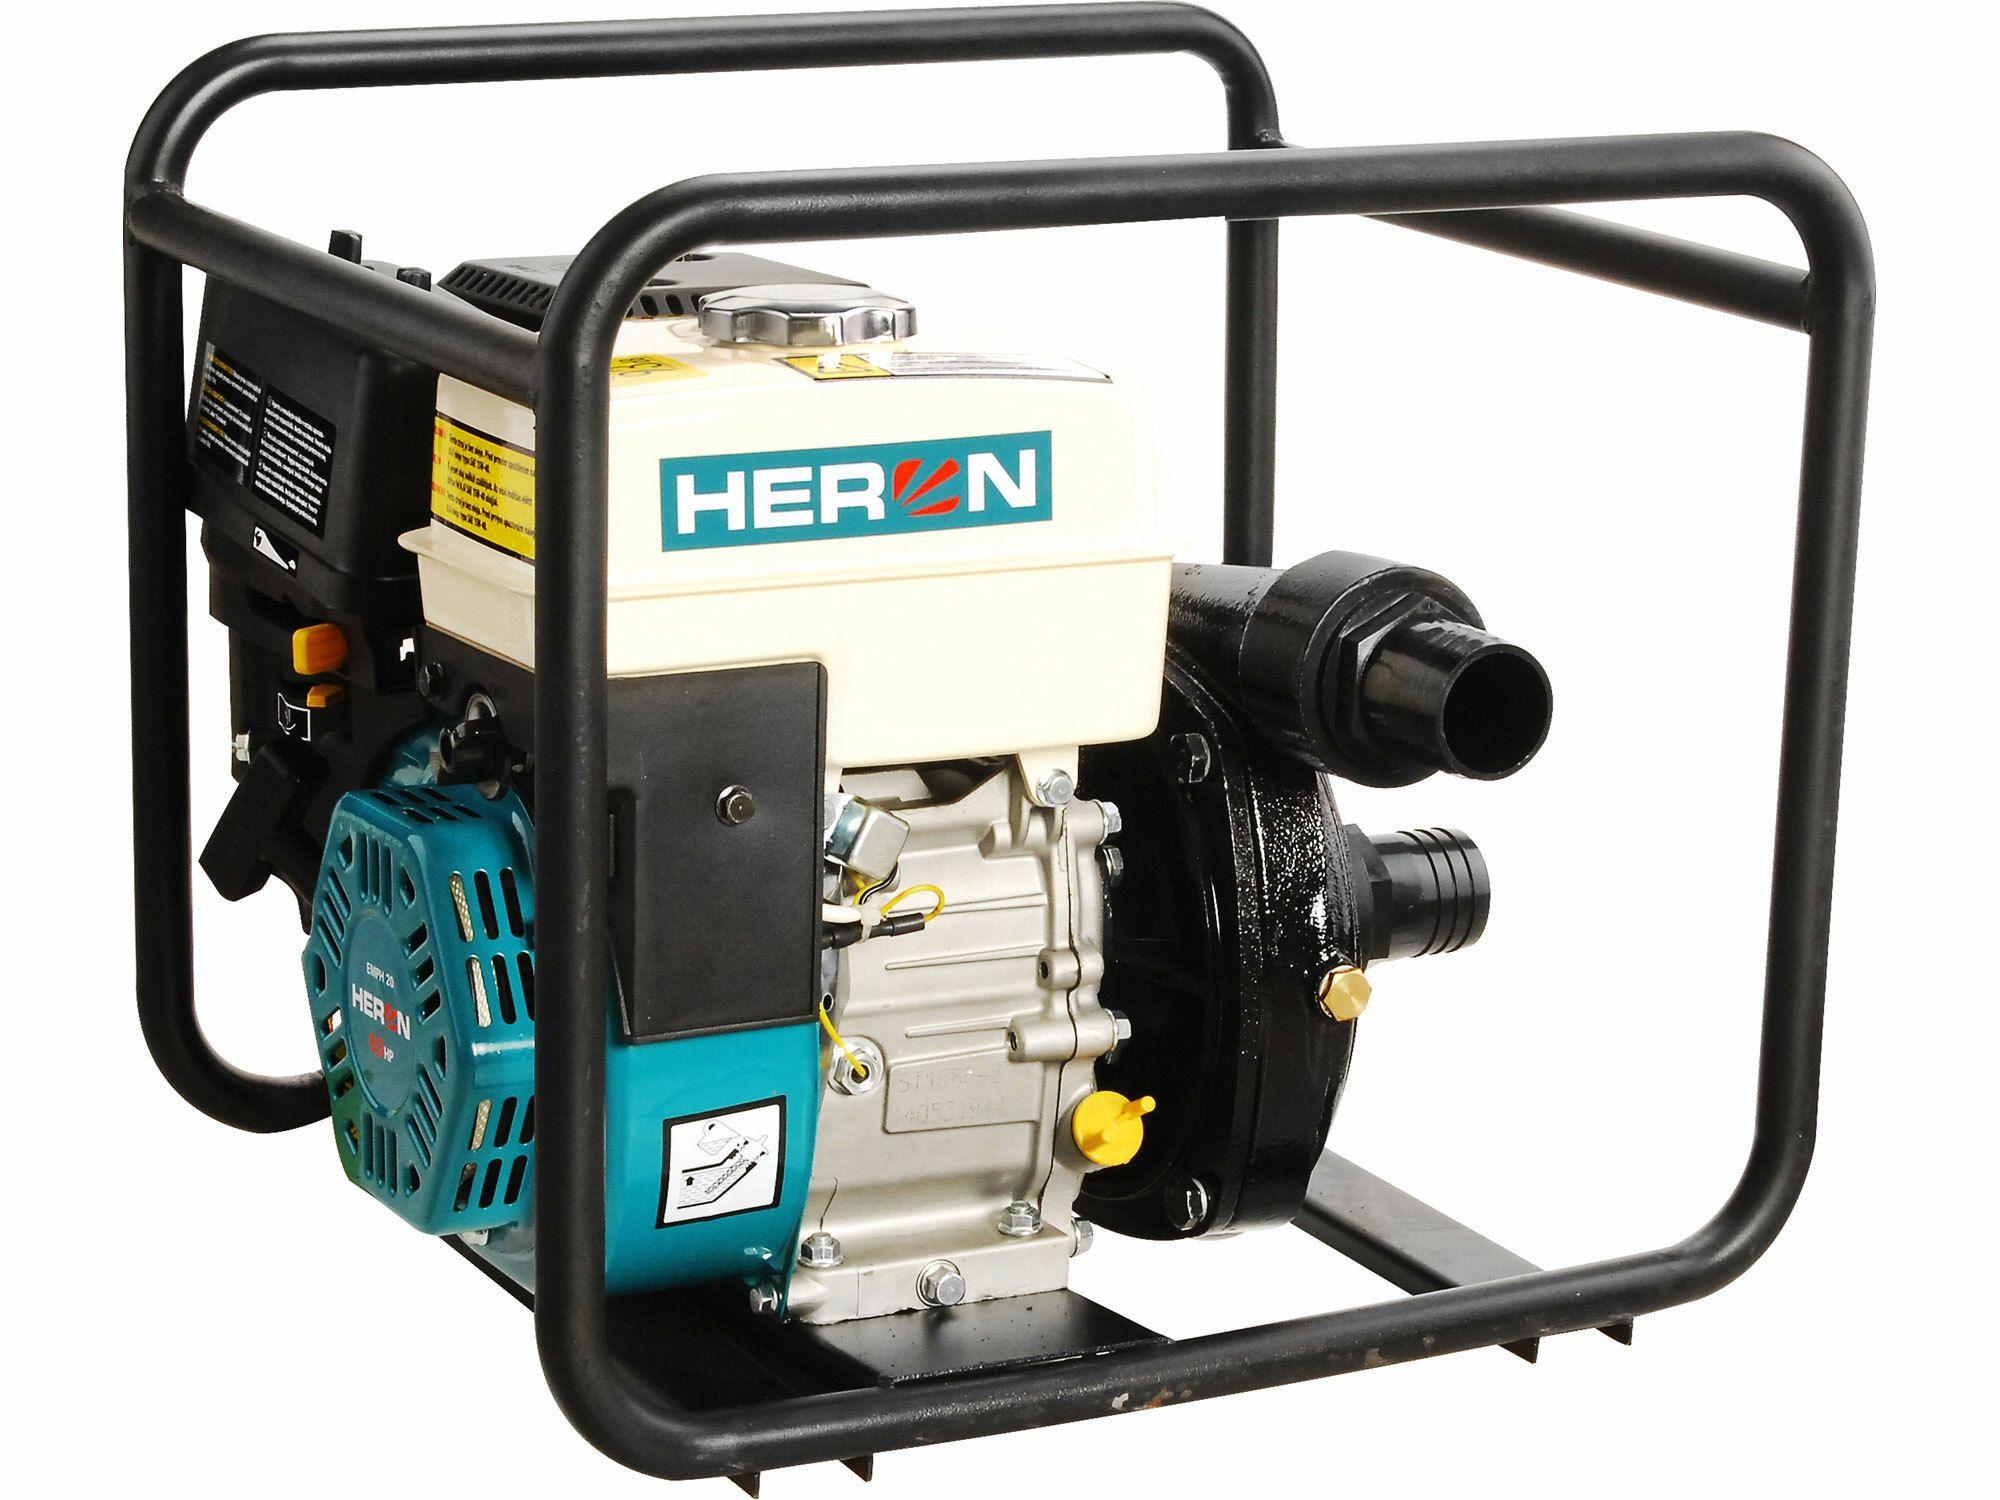 Čerpadlo motorové tlakové 6,5HP, 500l/min, 2´´ (50mm), 500l/min =30m3/hod, záruka 3 roky HERON